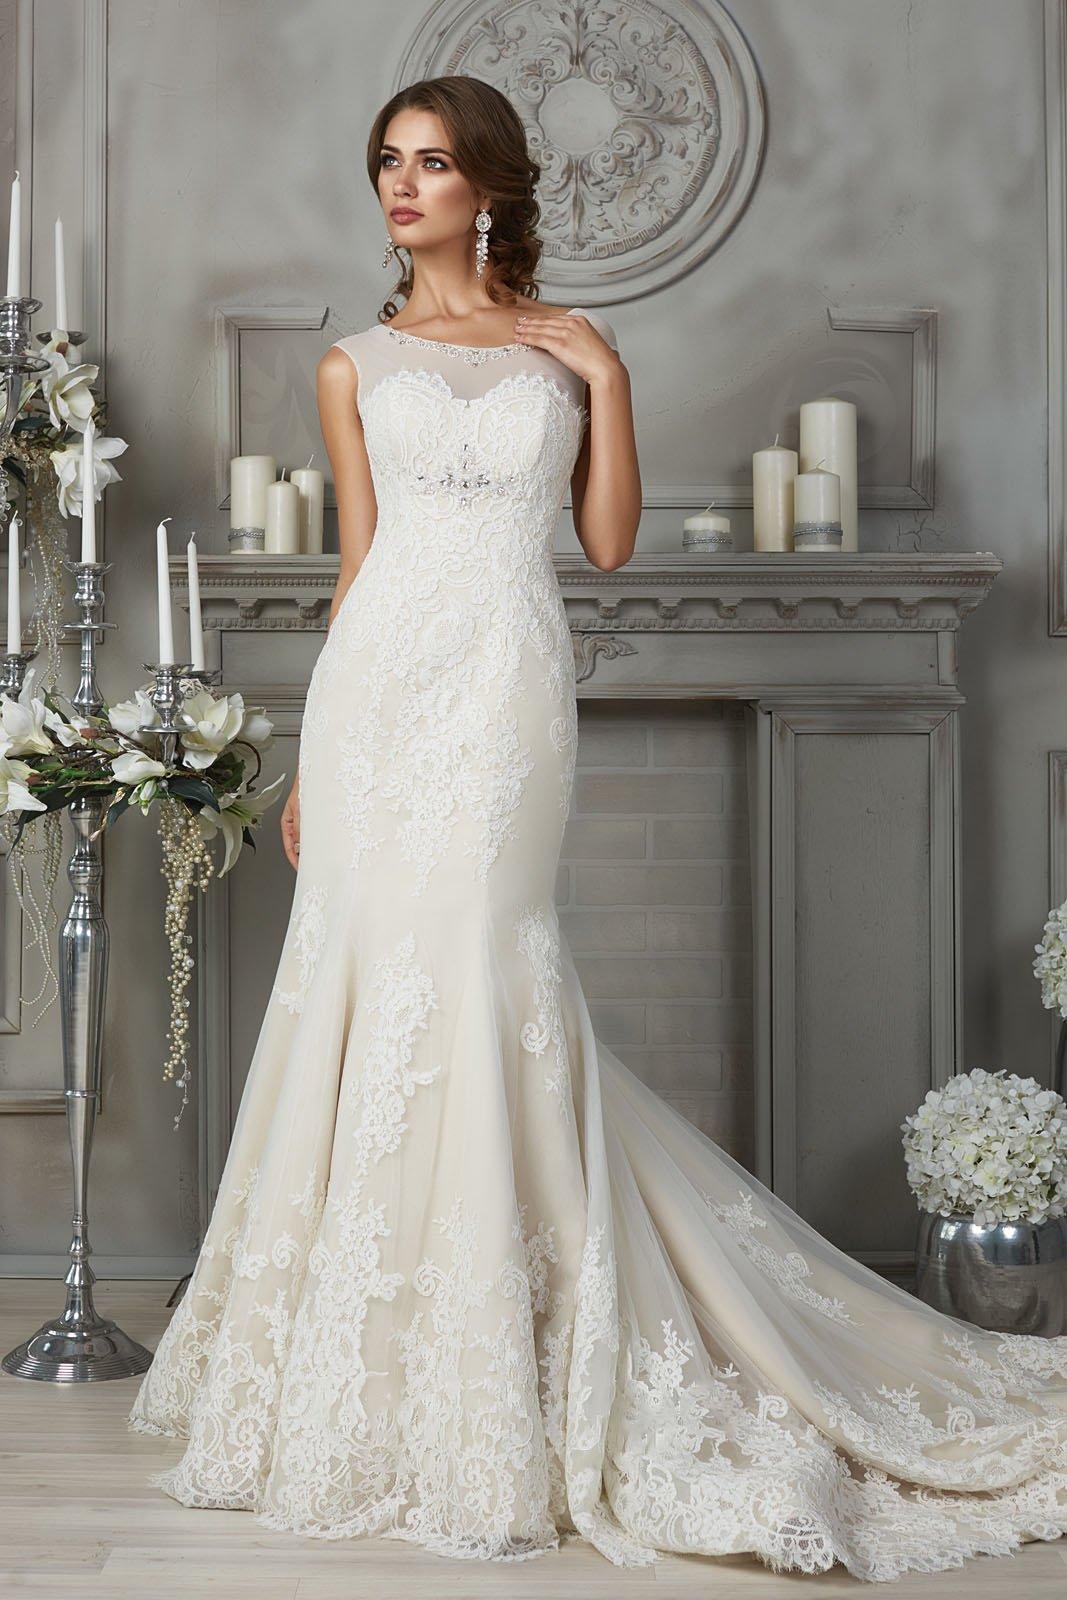 Свадебное платье силуэта «рыбка» цвета слоновой кости со шлейфом.